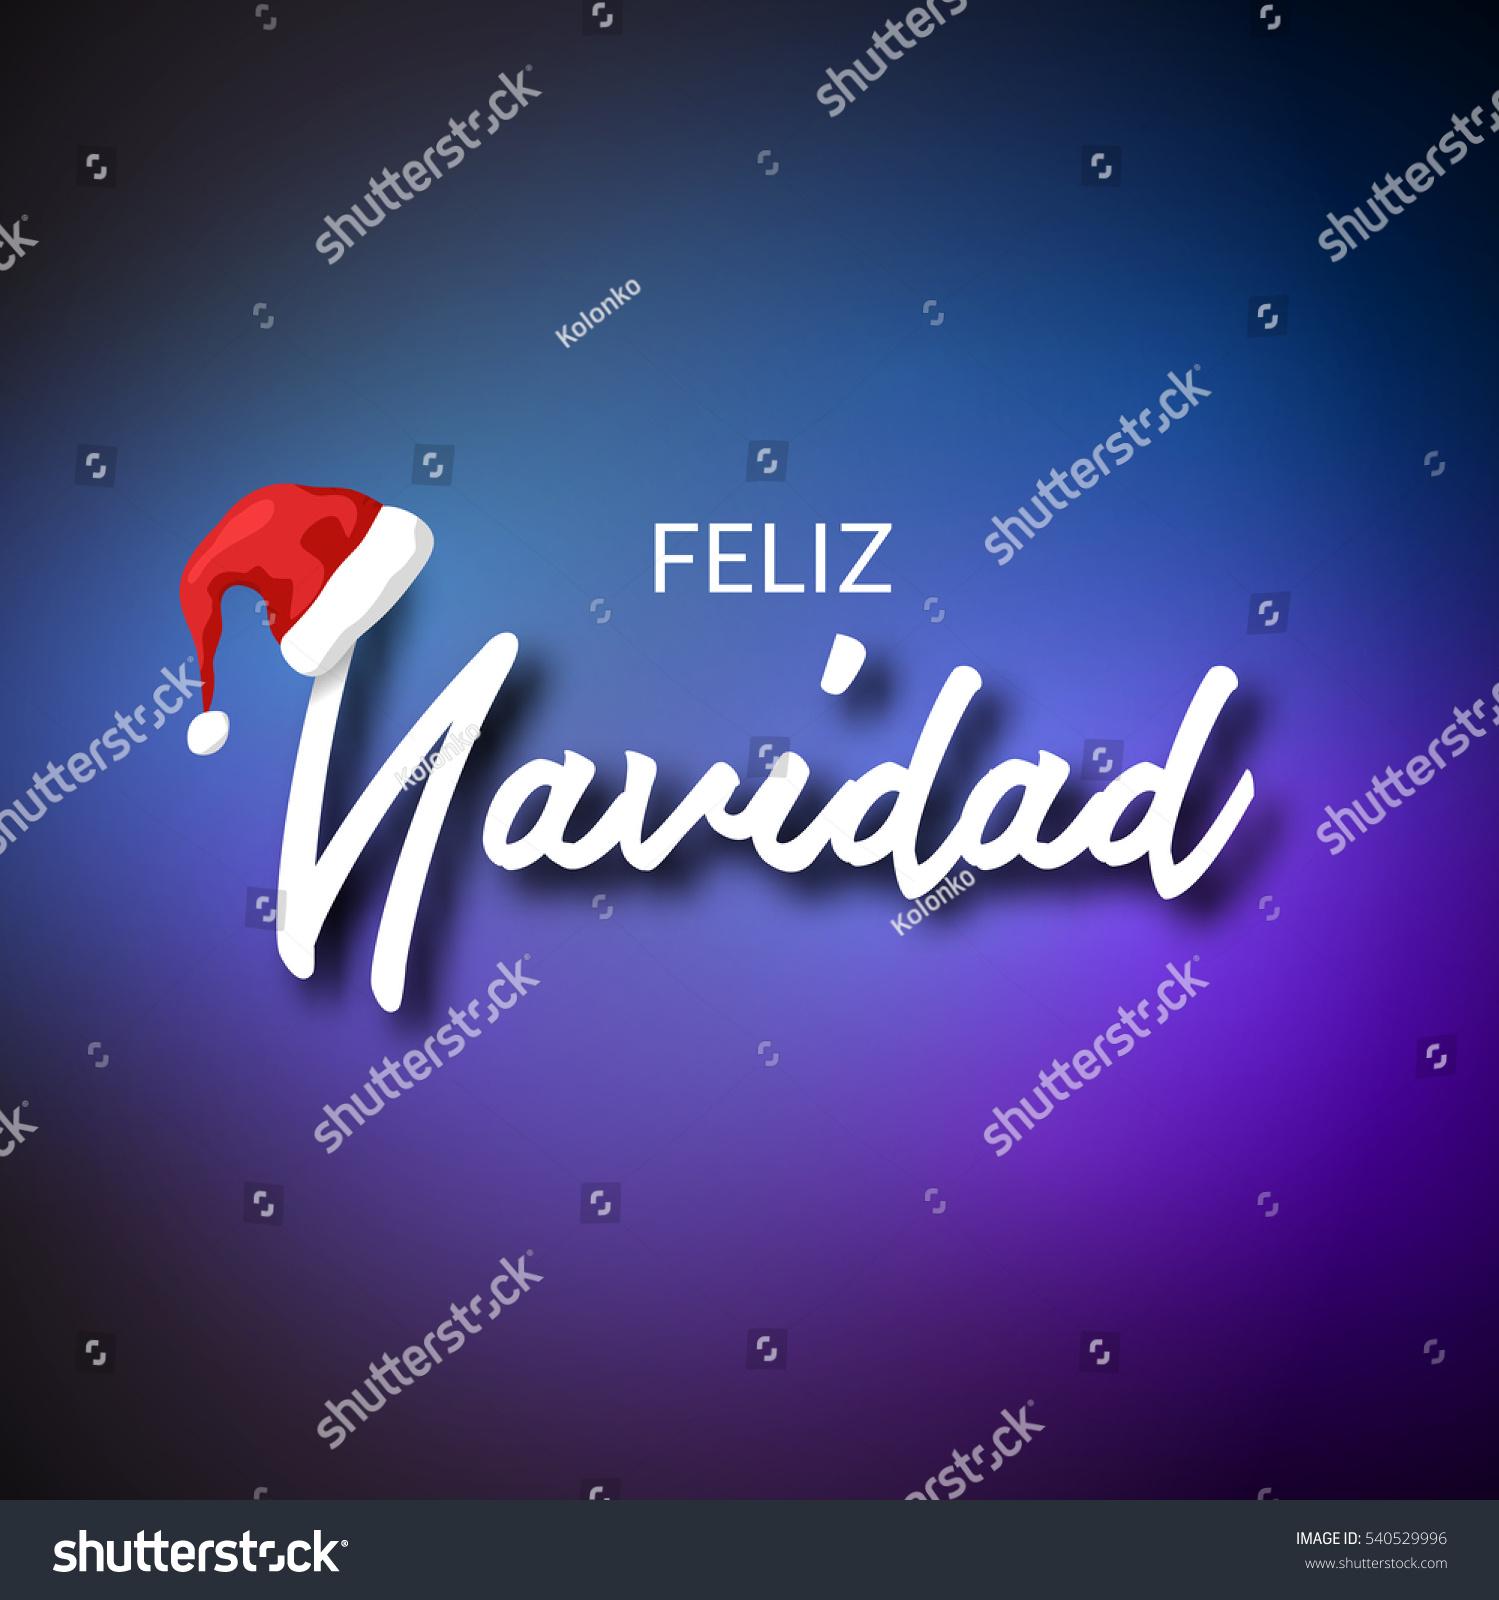 Feliz navidad merry christmas card template stock illustration merry christmas card template with greetings in spanish language feliz navidad typography kristyandbryce Images